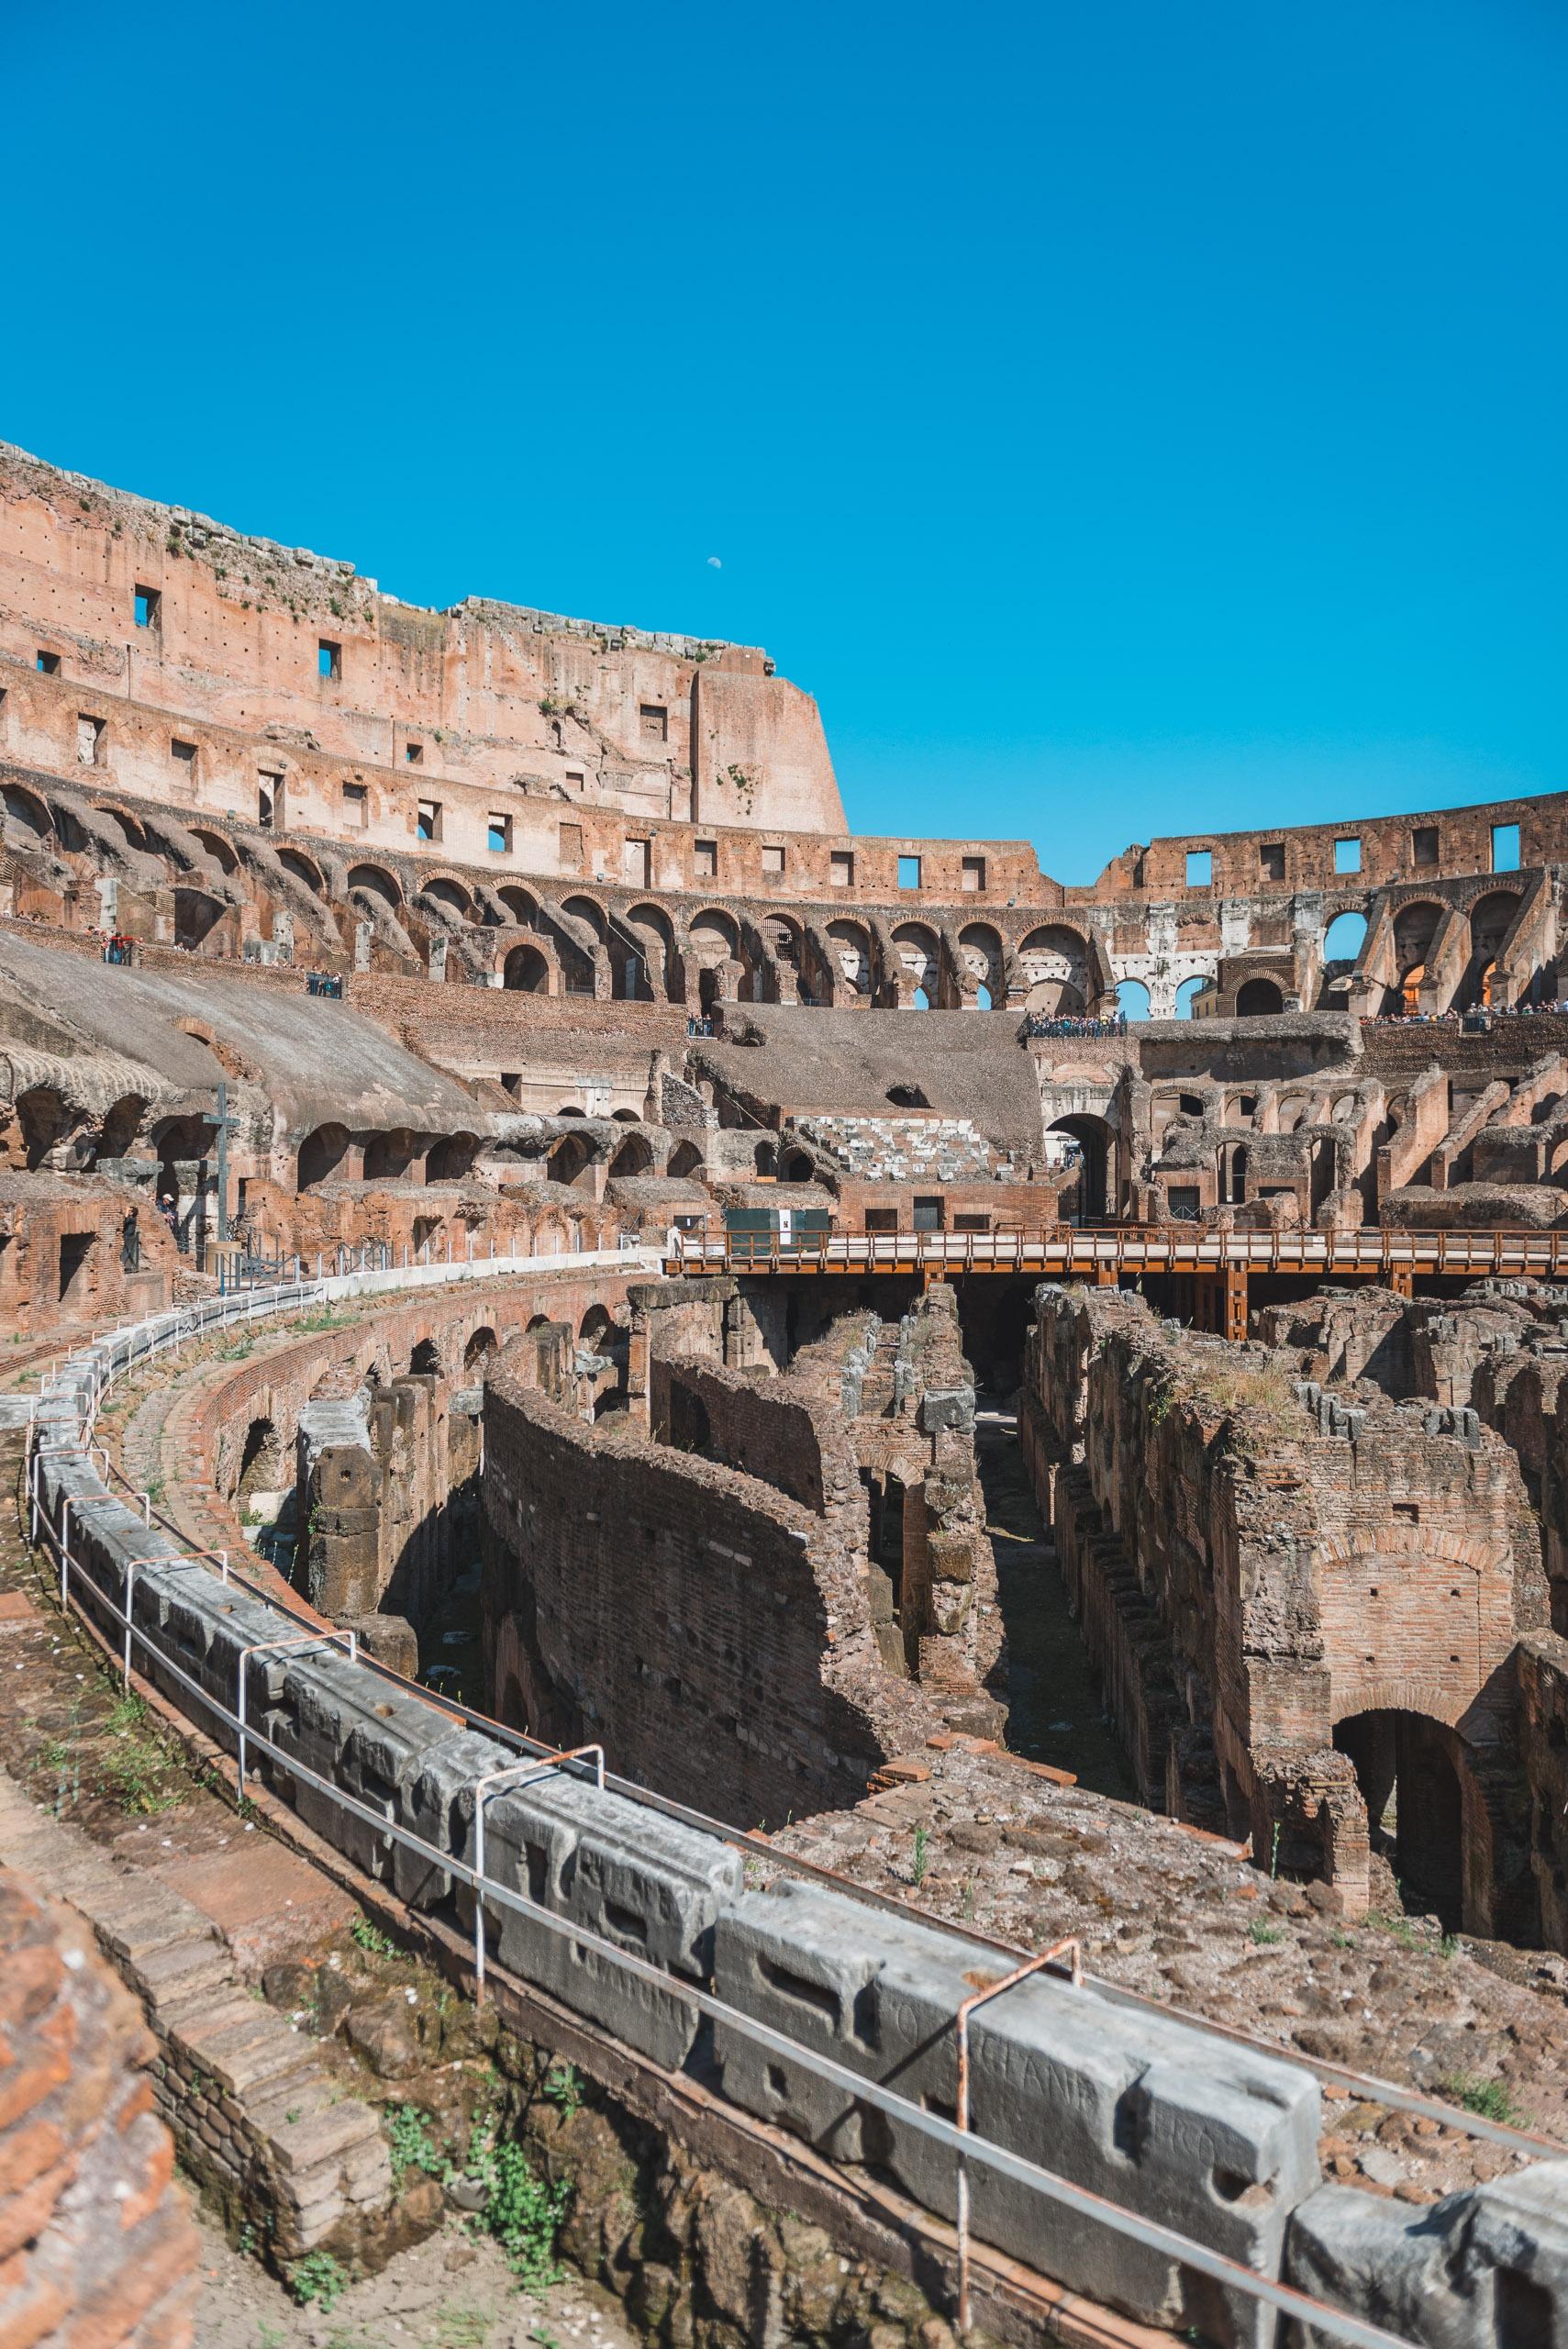 Inside the Colosseum 4